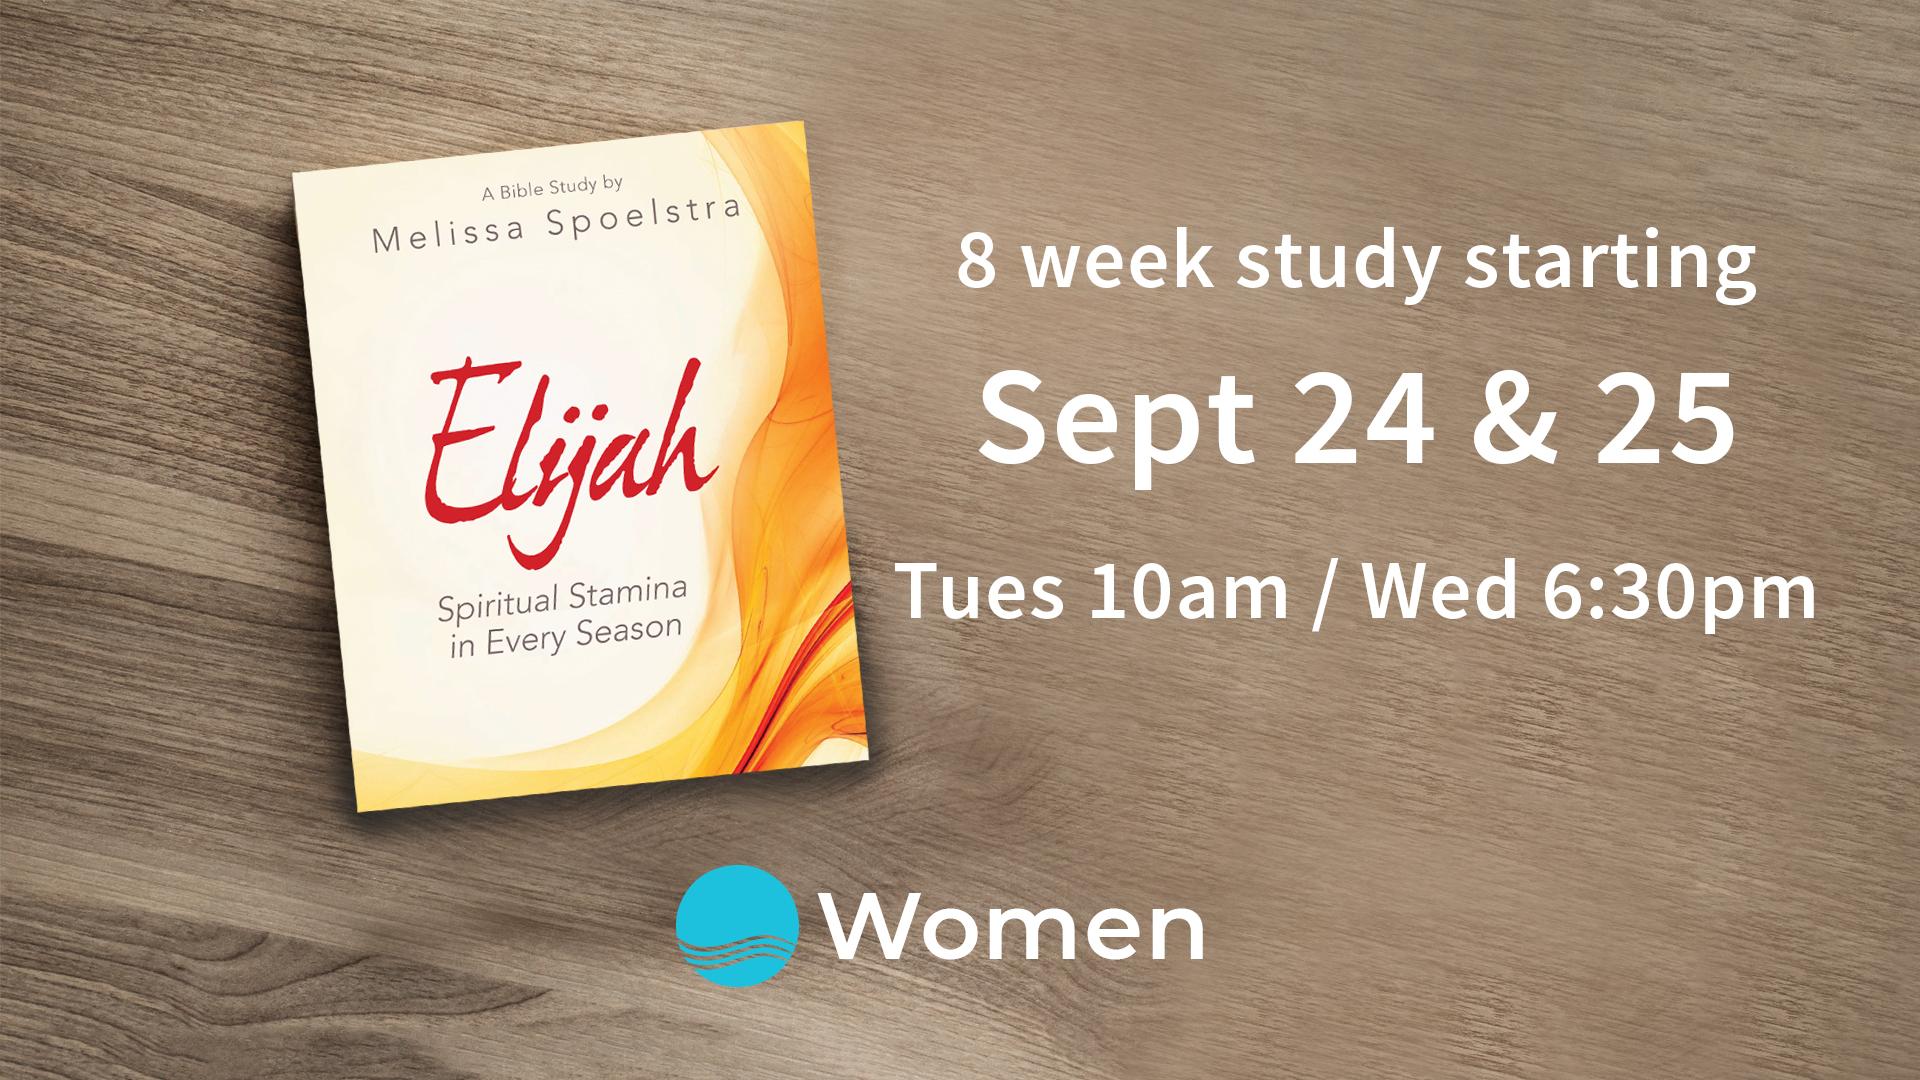 Elijah - FB Event.jpg